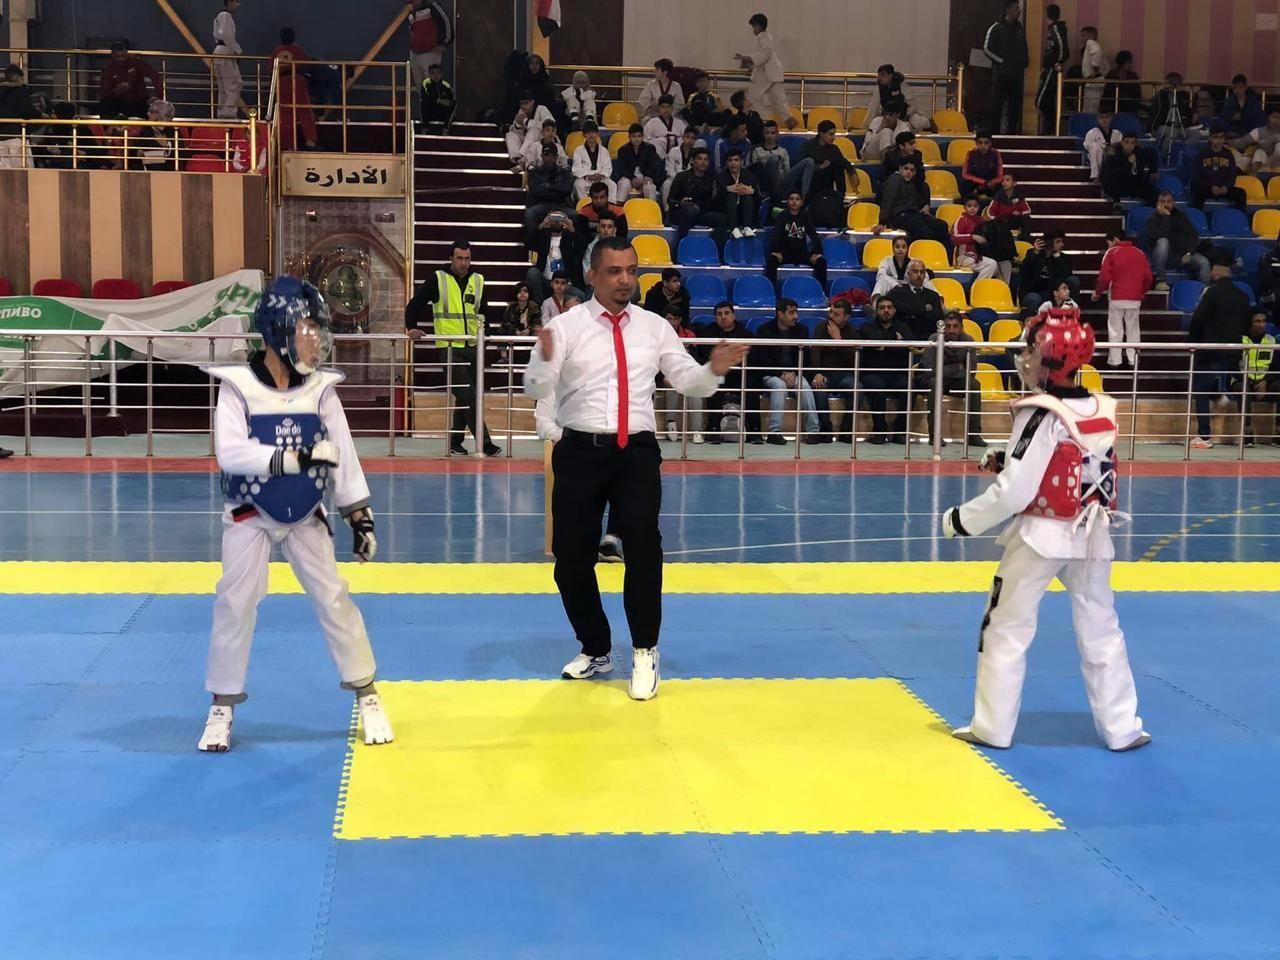 انطلاق بطولة تصفيات المنتخبات الوطنية للتايكواندو